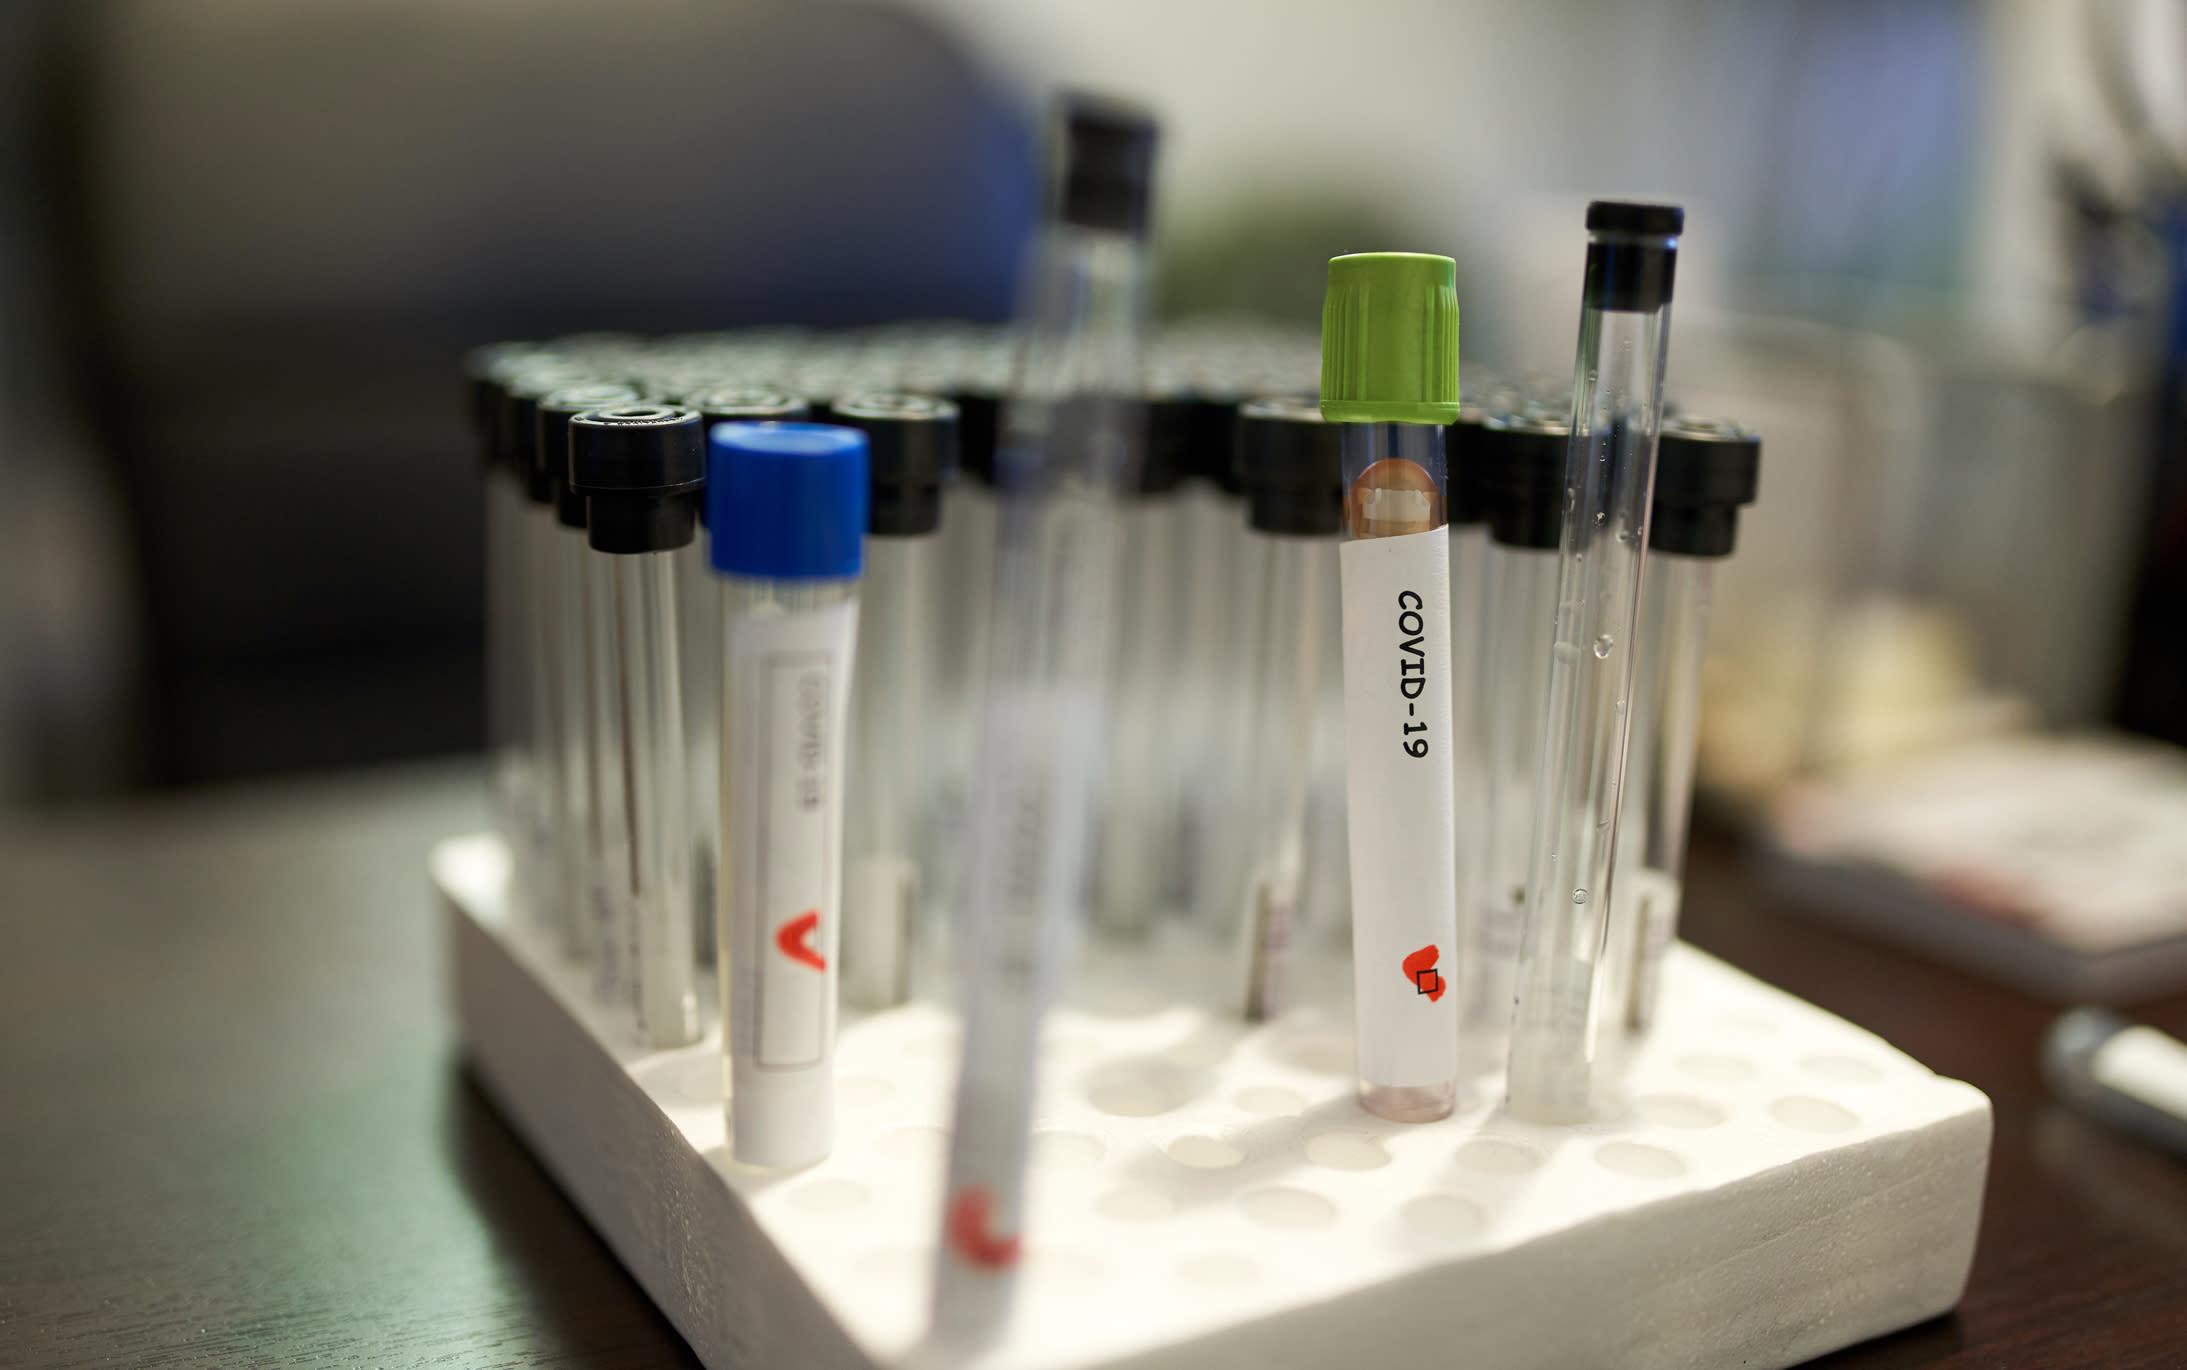 【Dr Chiu 抗疫解碼】我應該主動進行新型冠狀病毒測試嗎?